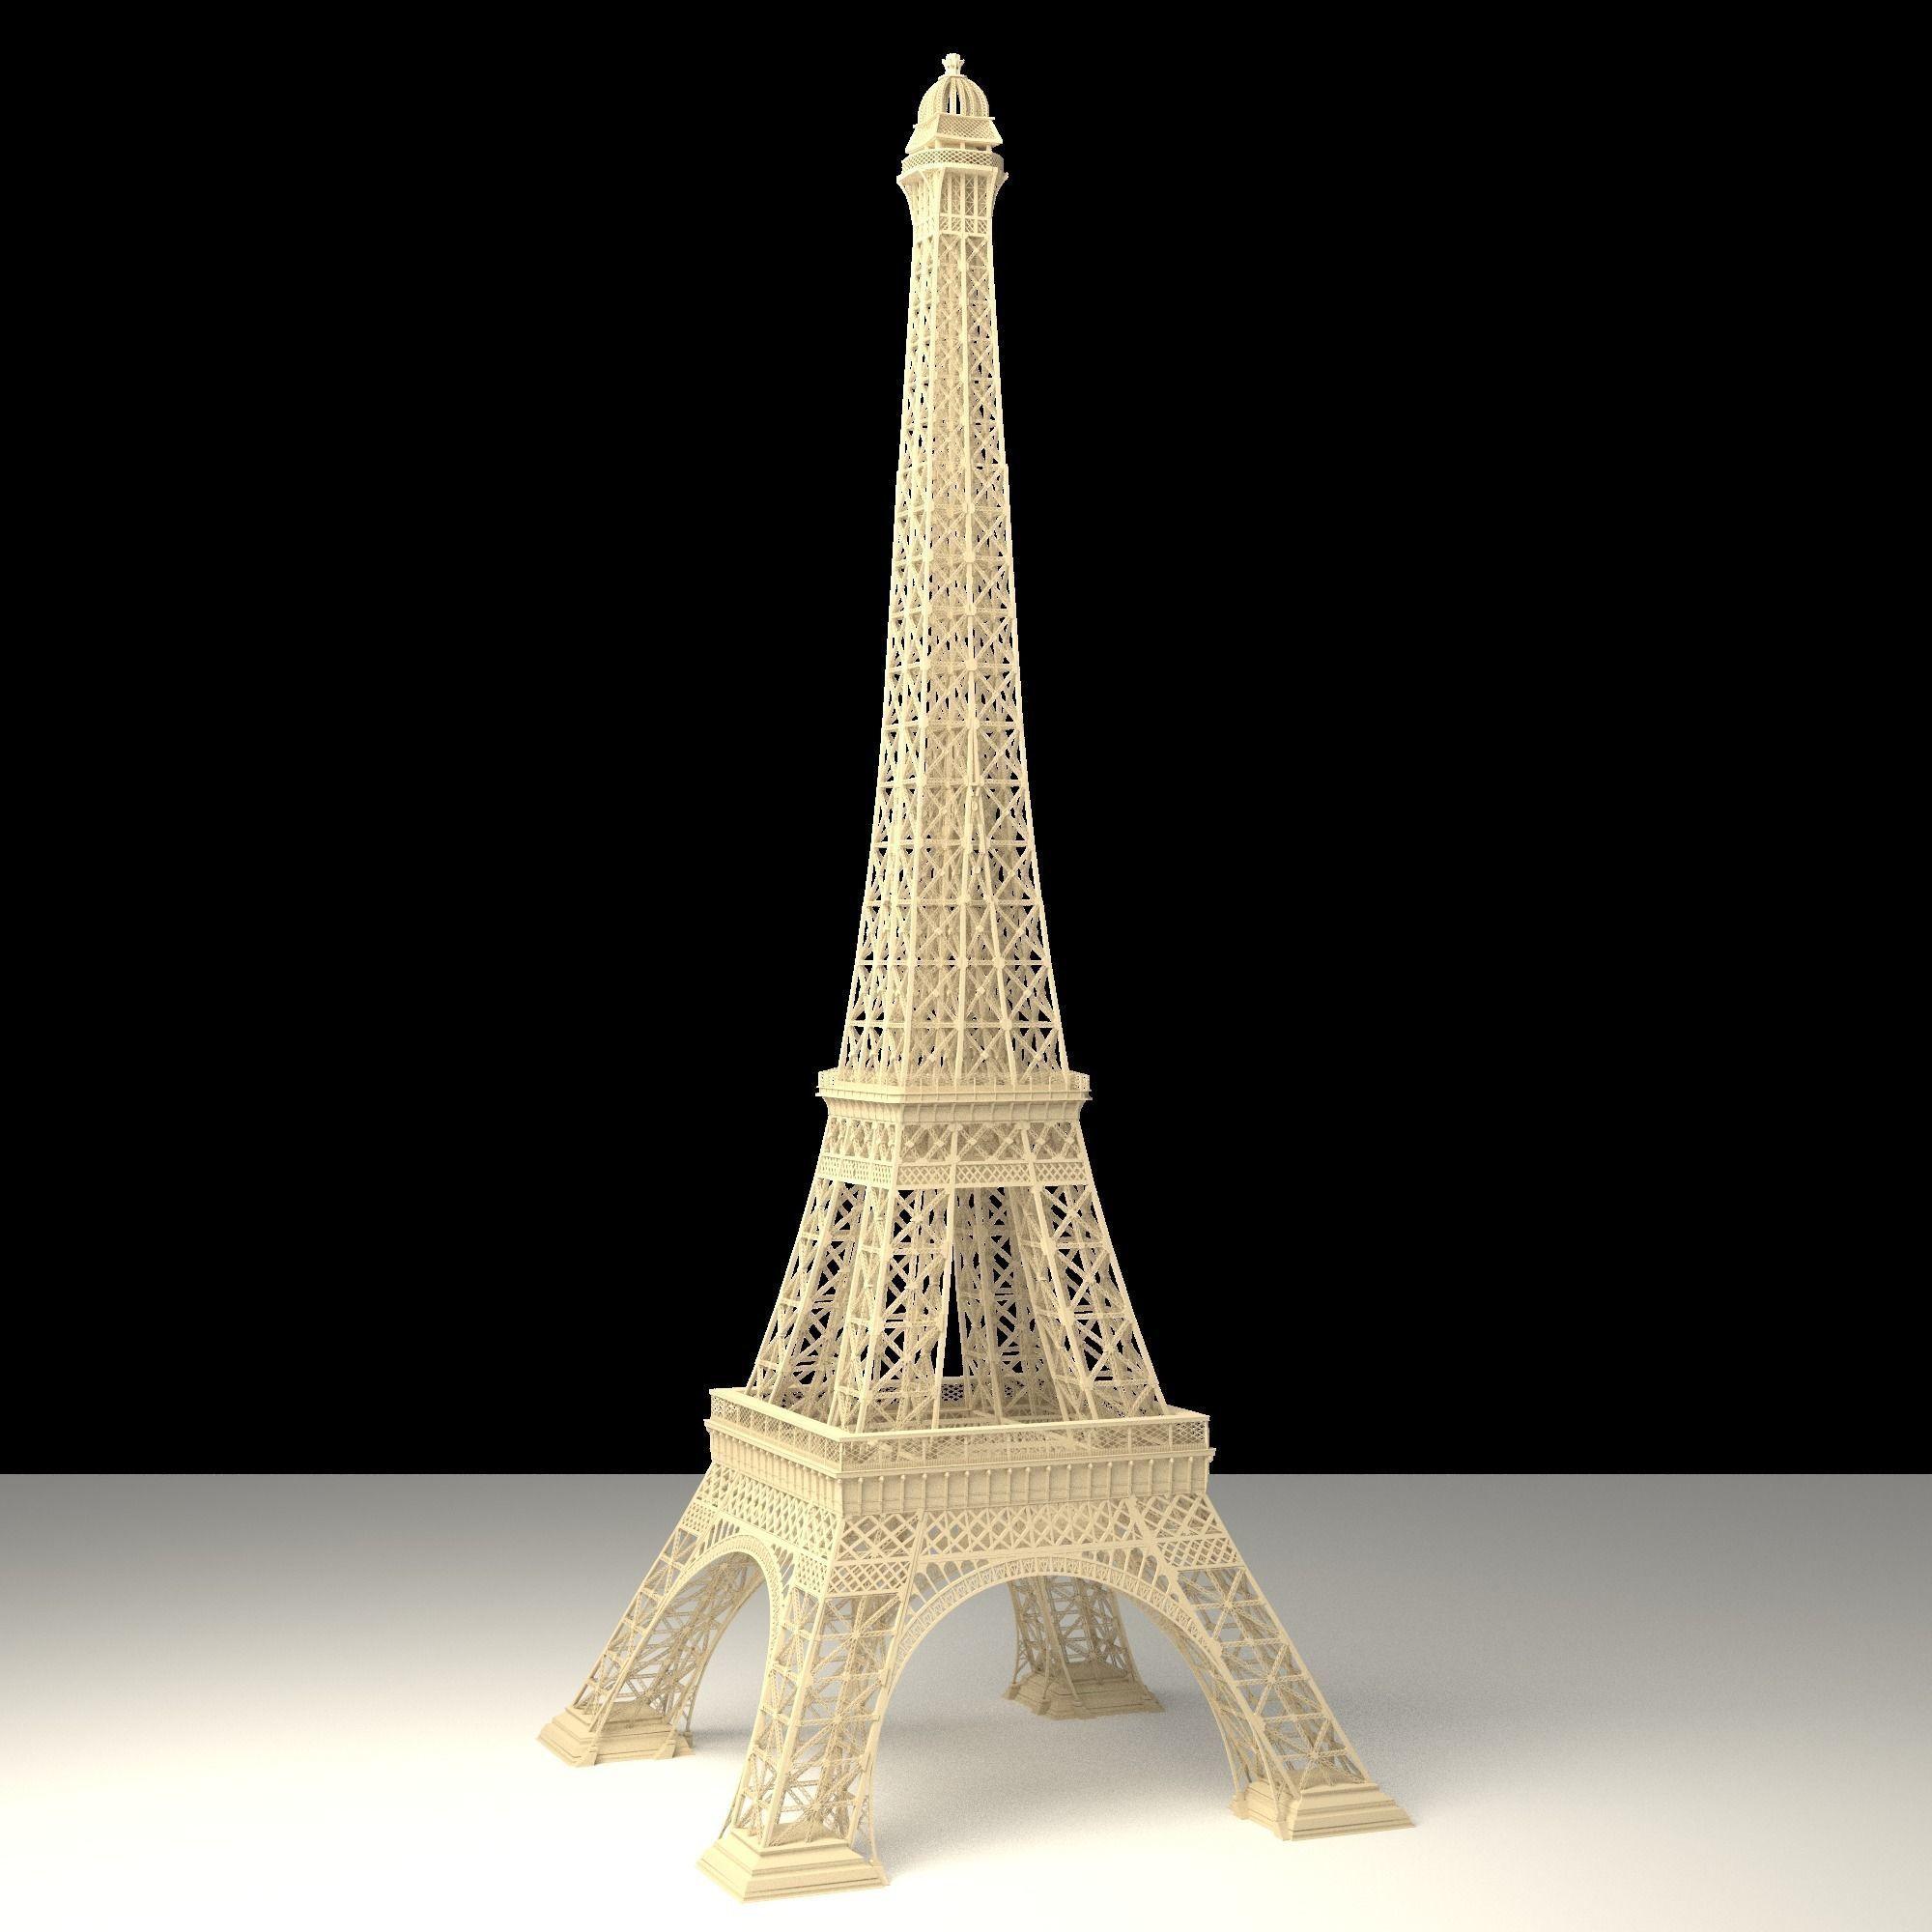 eiffel-tower-3d-model-obj-blend